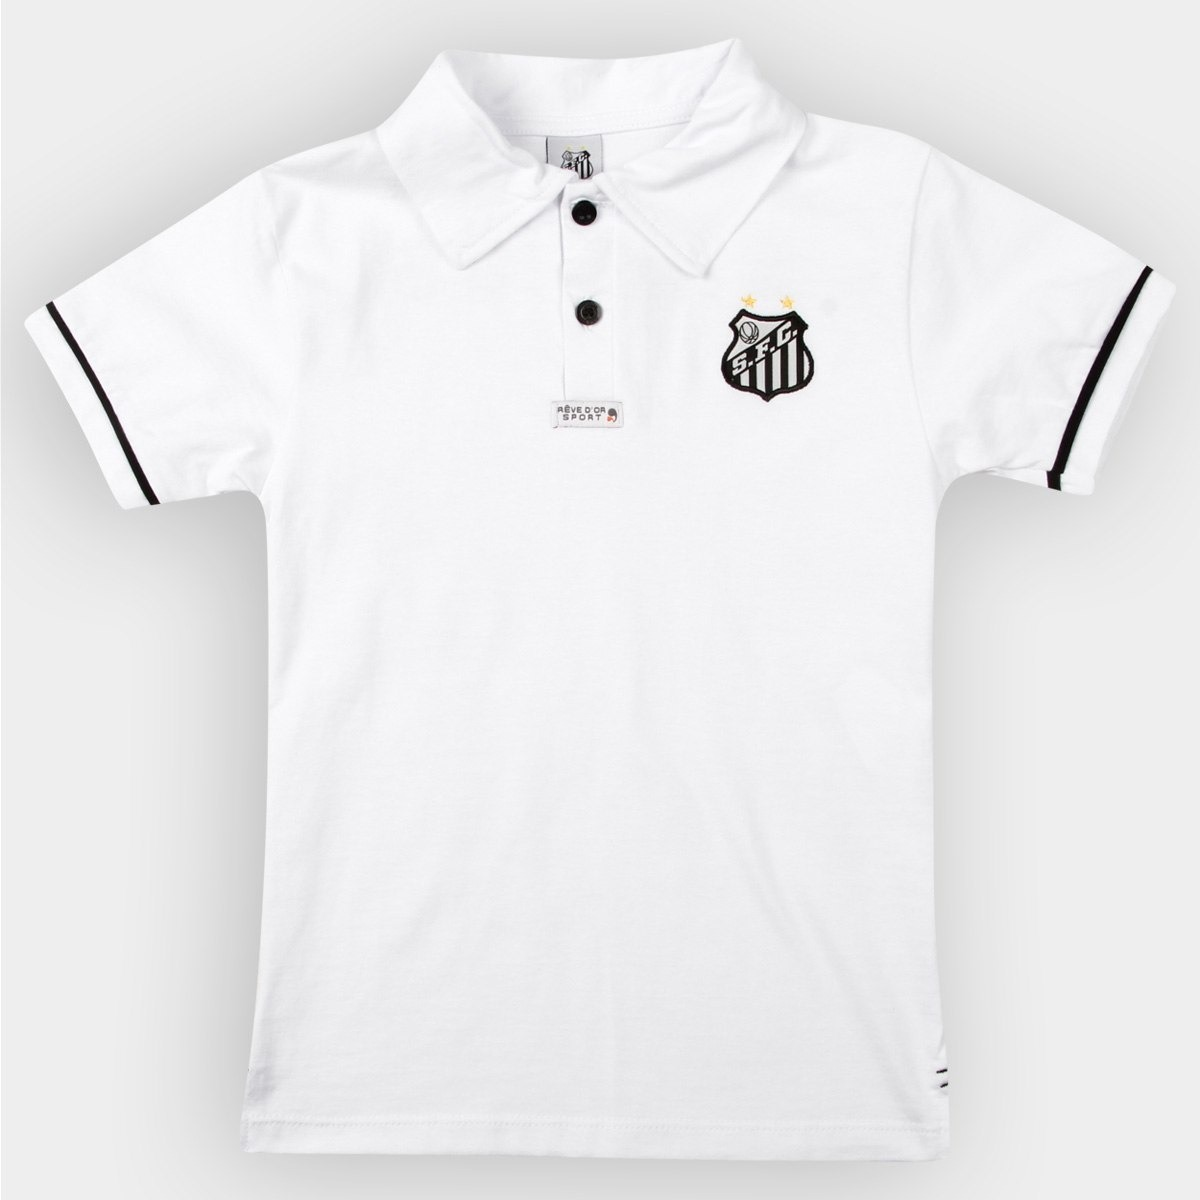 camisa do santos infantil polo oficial menino. Carregando zoom. 0461c7a5d1f17